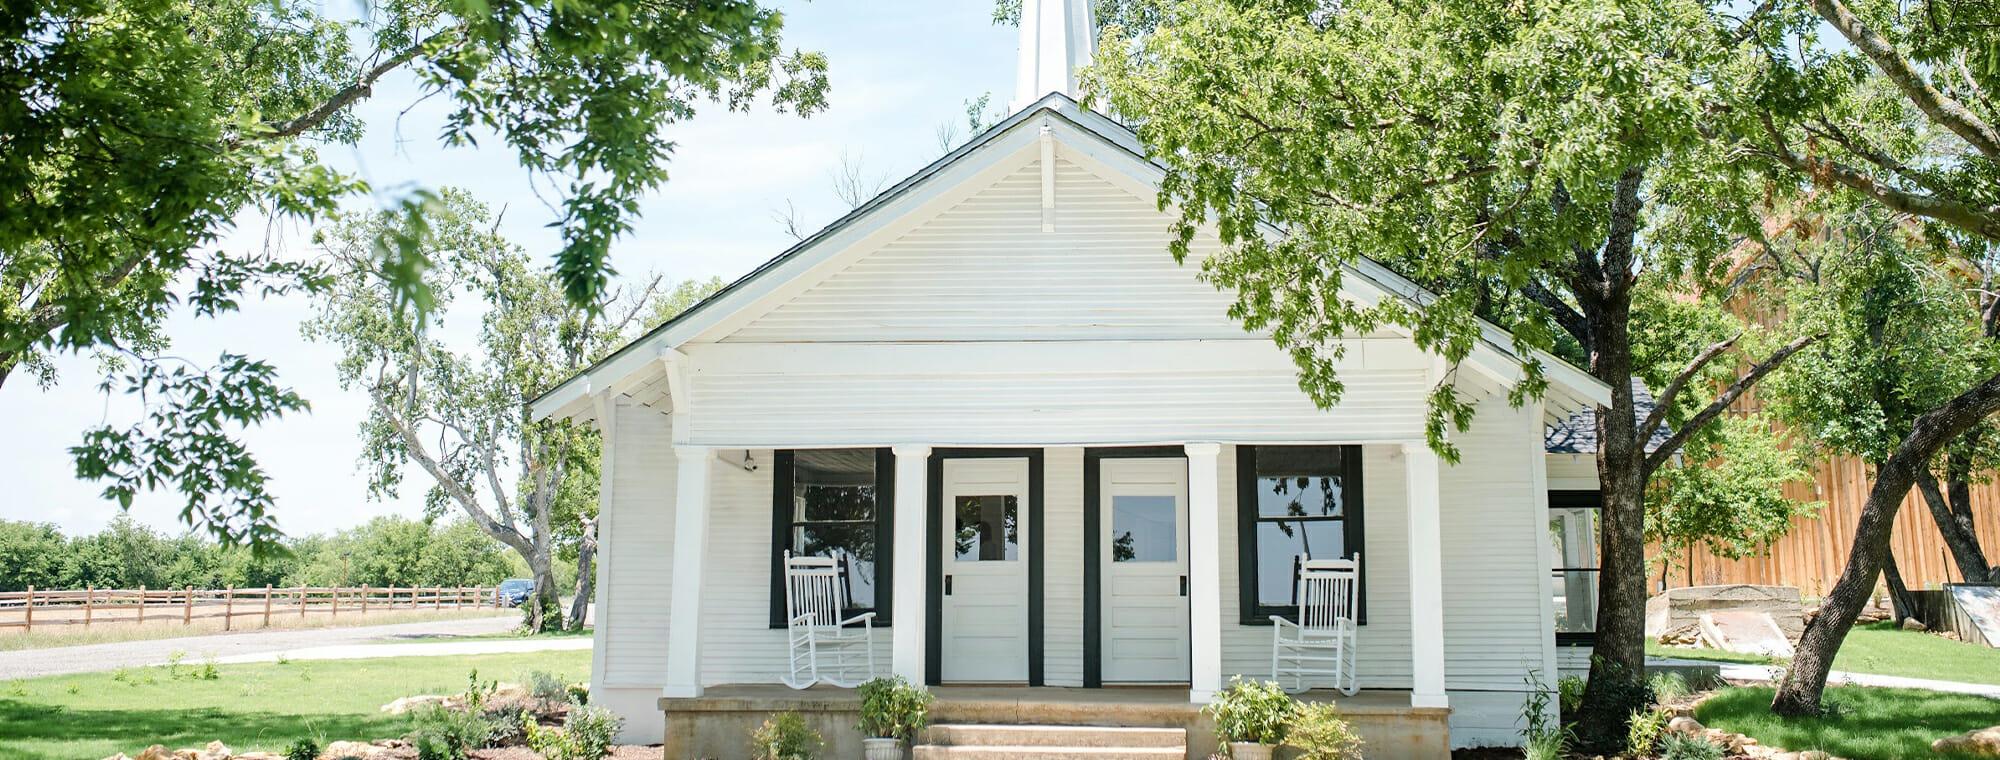 Chapel Creek Ranch - Denton, TX Wedding Venue   Texoma Bride Guide